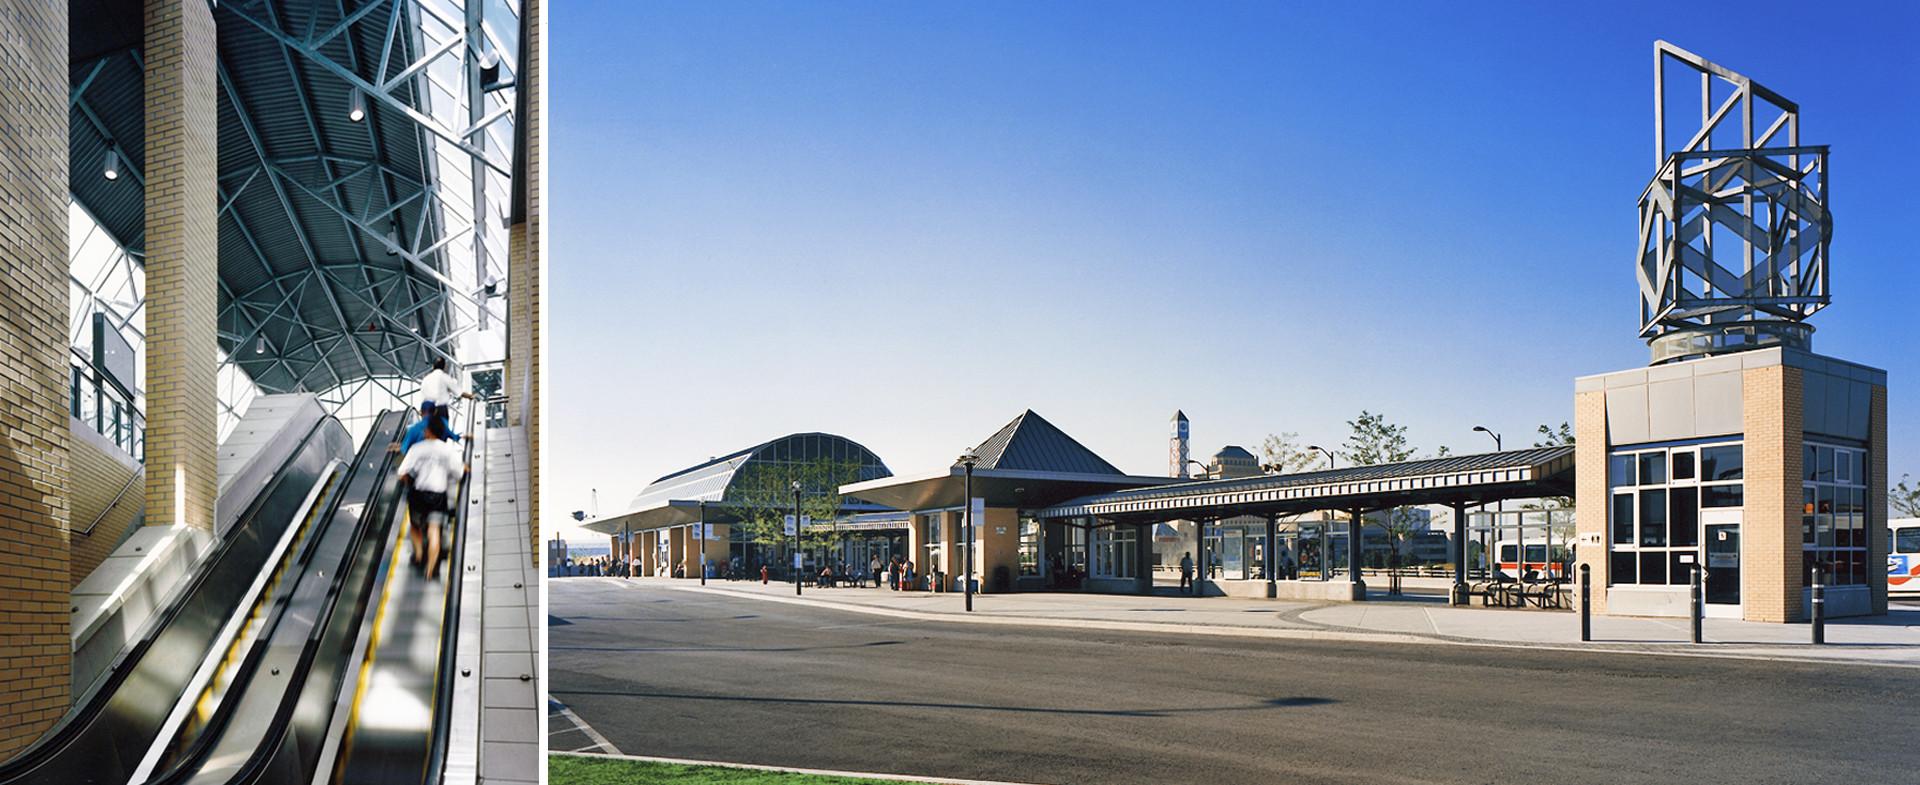 Mississauga-Transit-Terminal-1